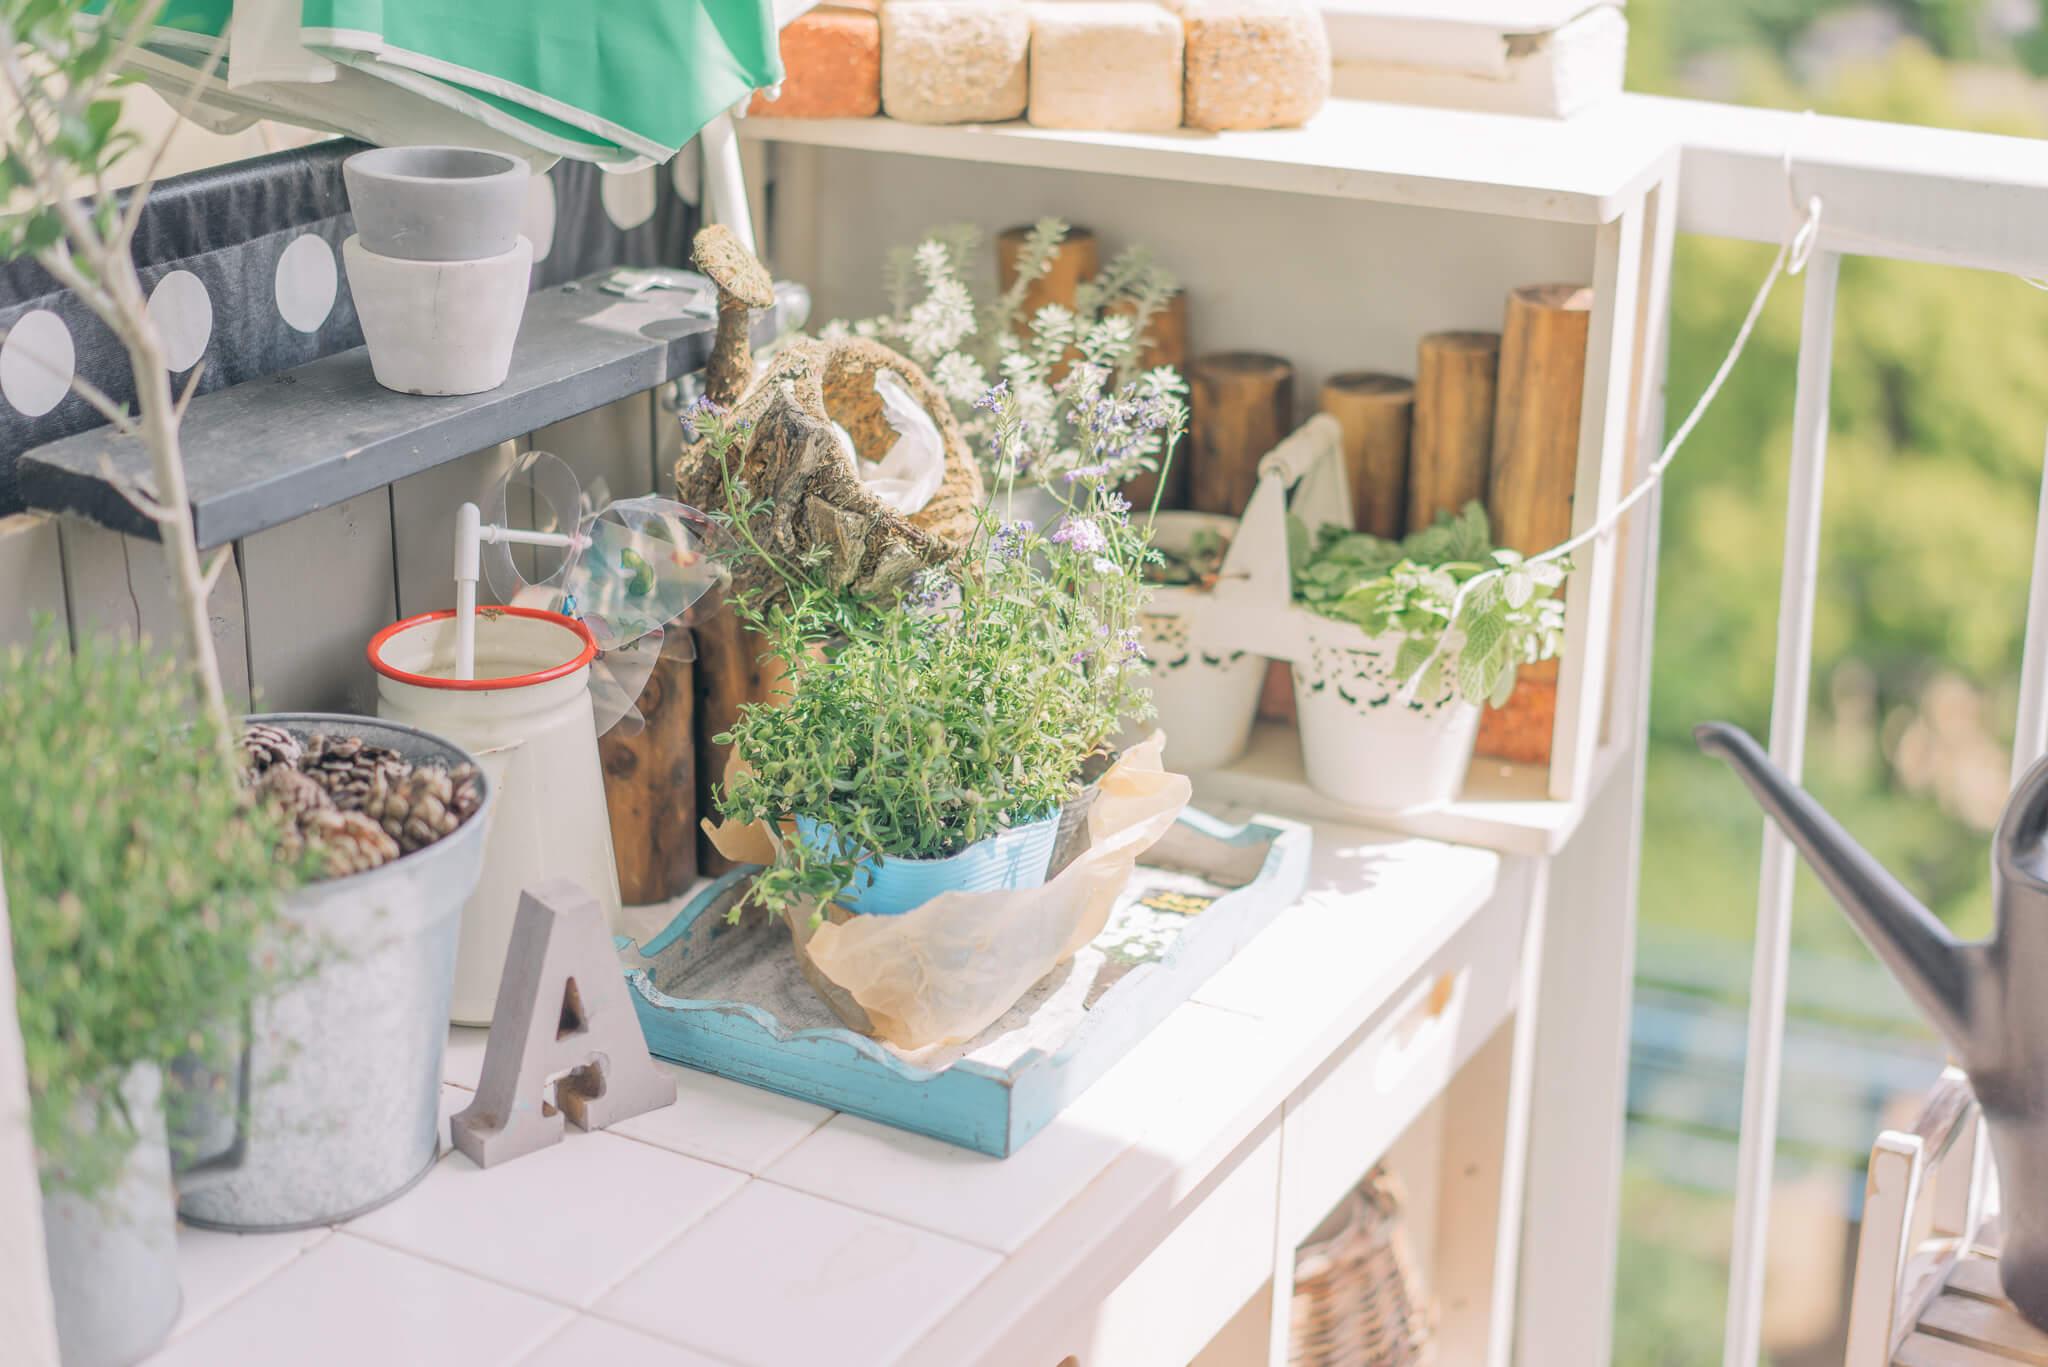 眺めのよいベランダで植物の台になっていたのは、キッチンで使わなくなったワゴン。